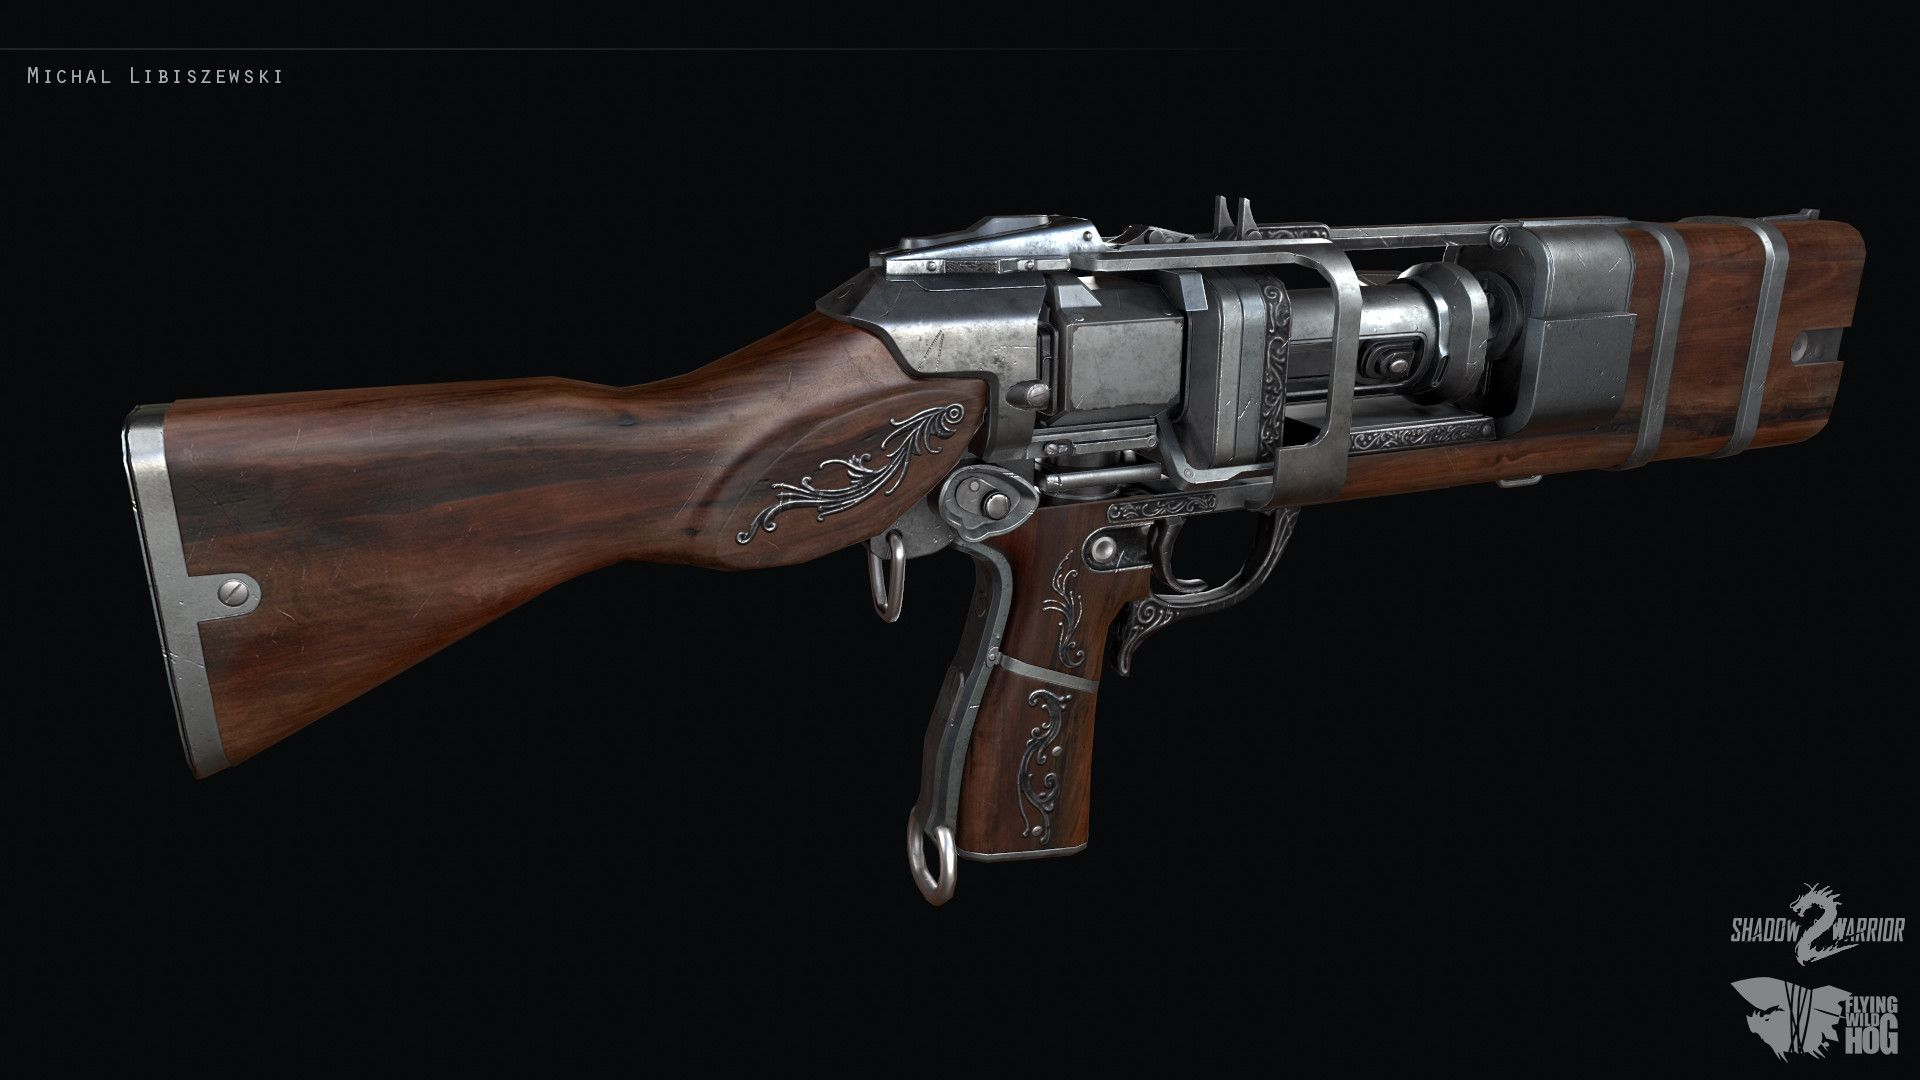 Ausgezeichnet Nagelpistole Gewehr Galerie - Nagel-Kunst-Design-Ideen ...